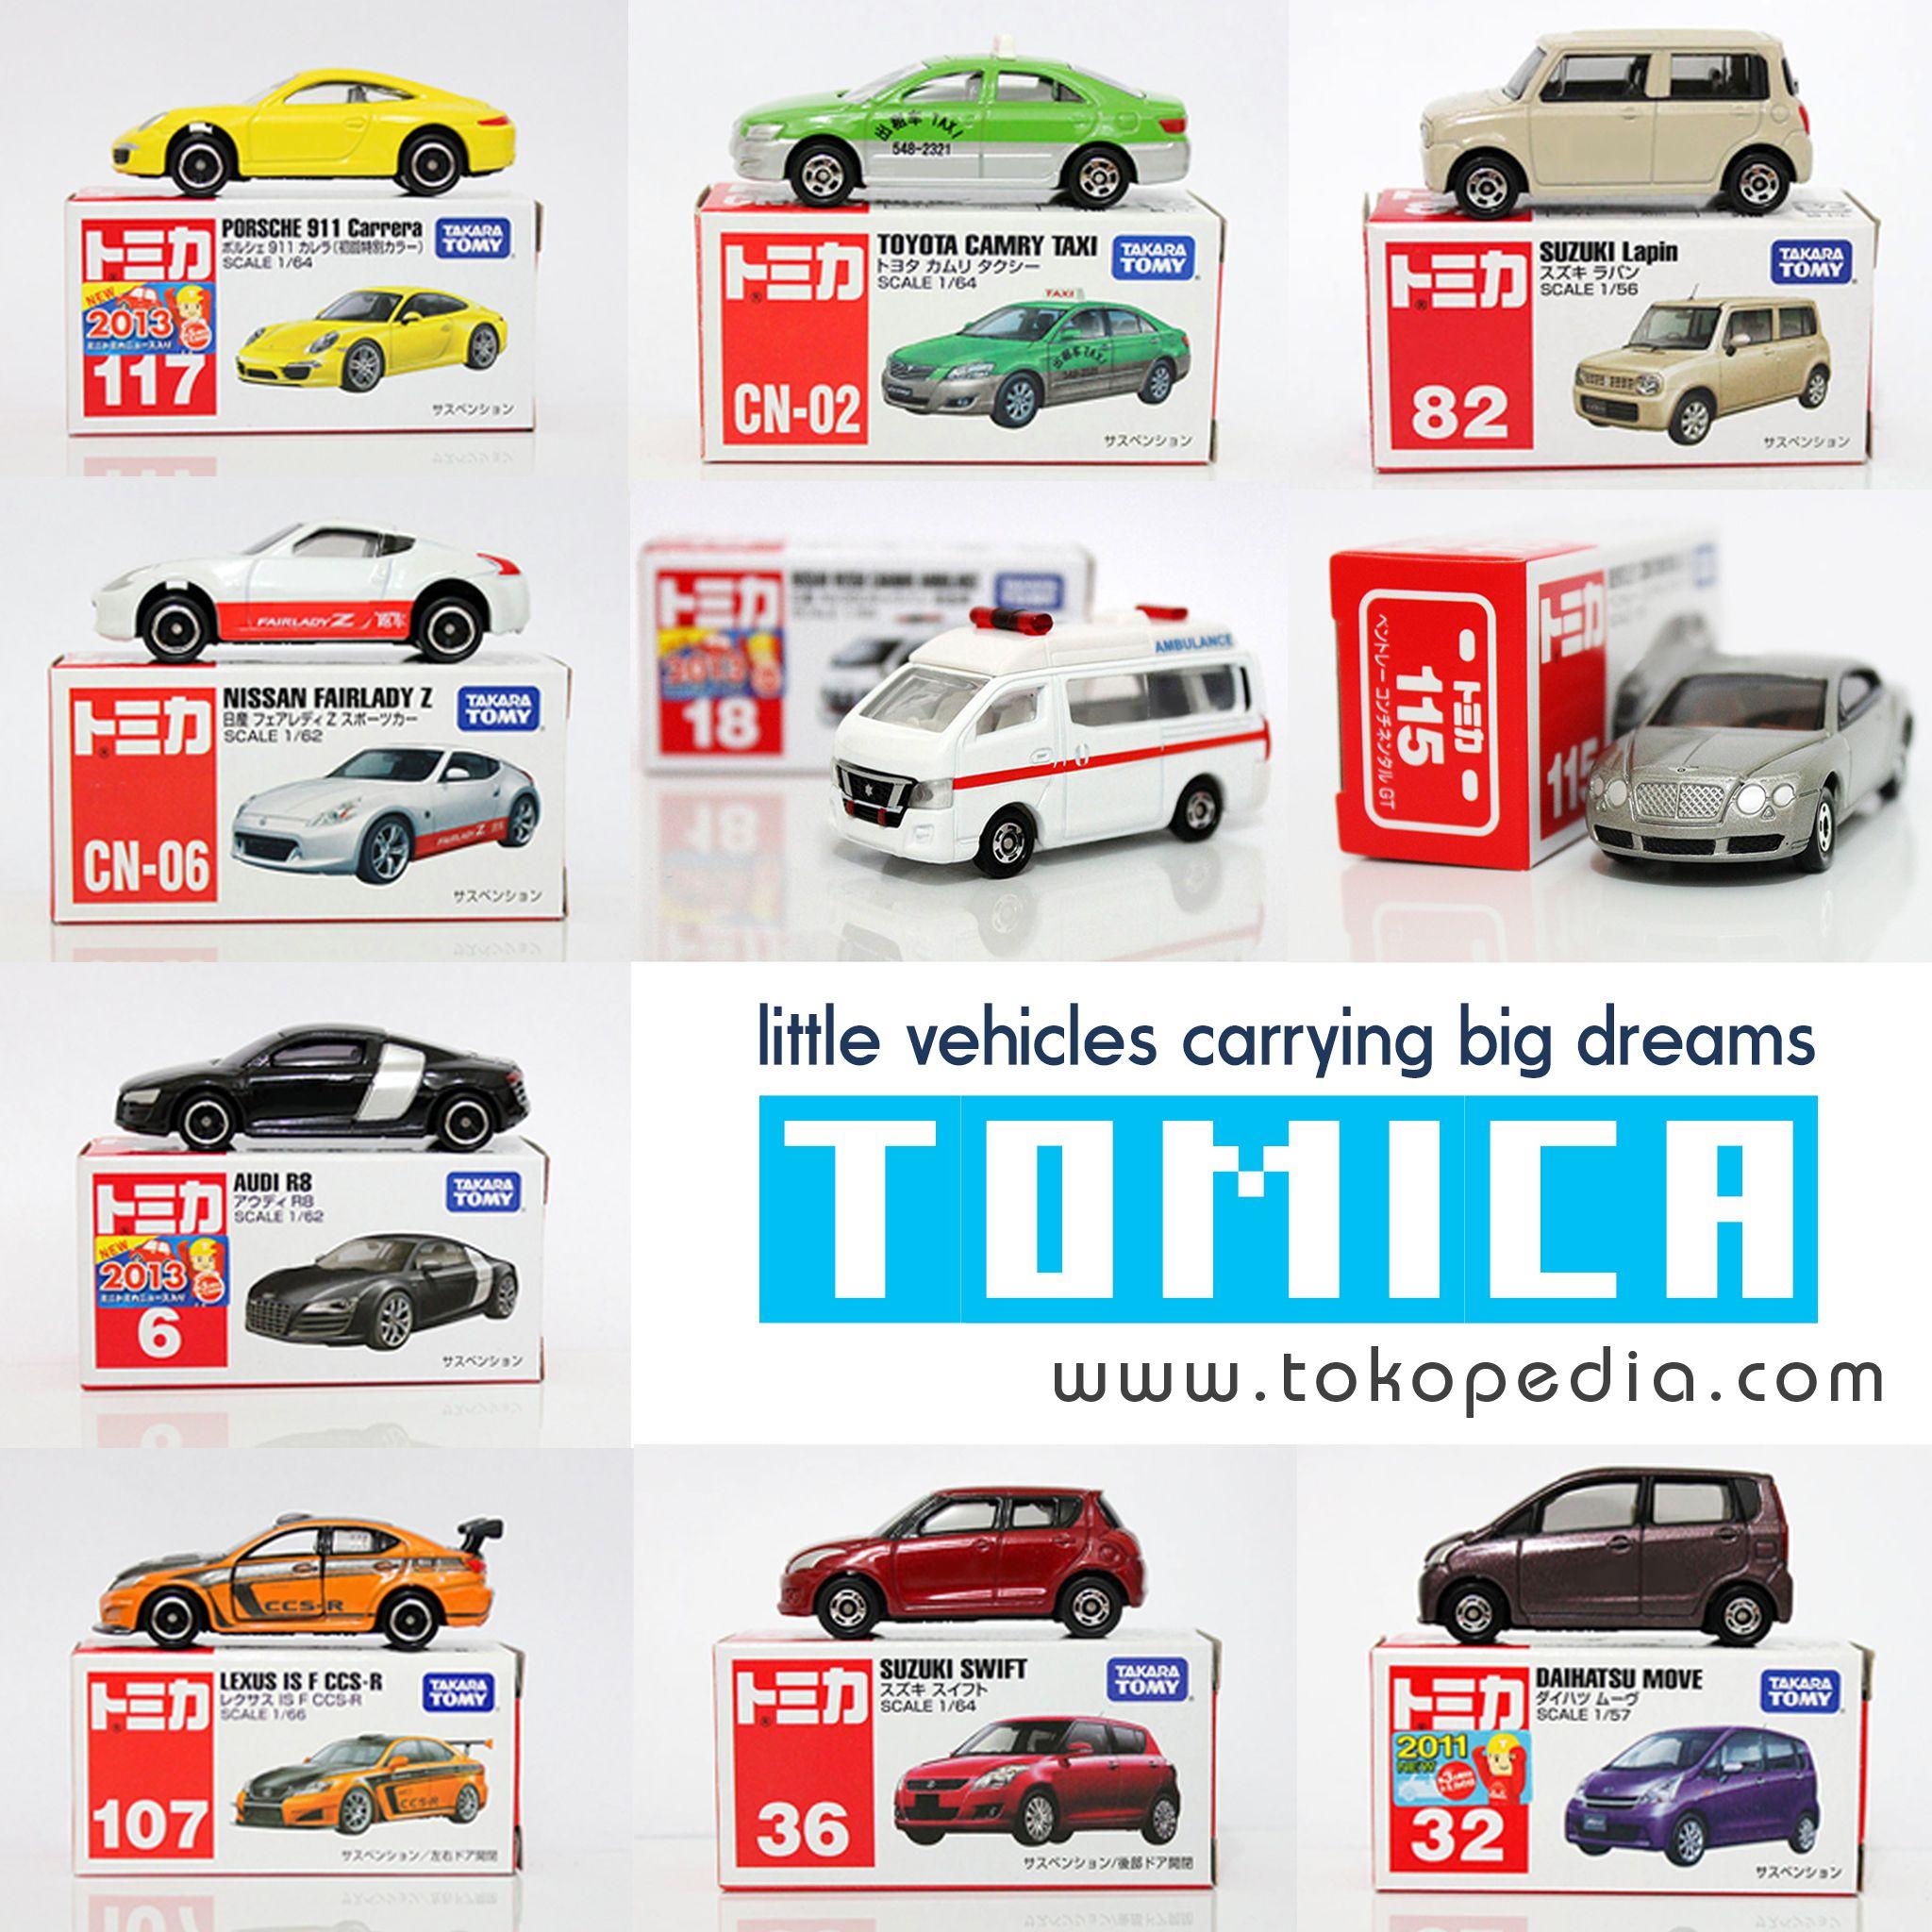 Masa Kecil Yang Indah Bermain Mobil Mobilan Naksir Sama Mobil Keren Tapi Belum Mampu Buat Belinya Mending Koleksi Miniaturnya Aja B Mobil Keren Mobil Mainan